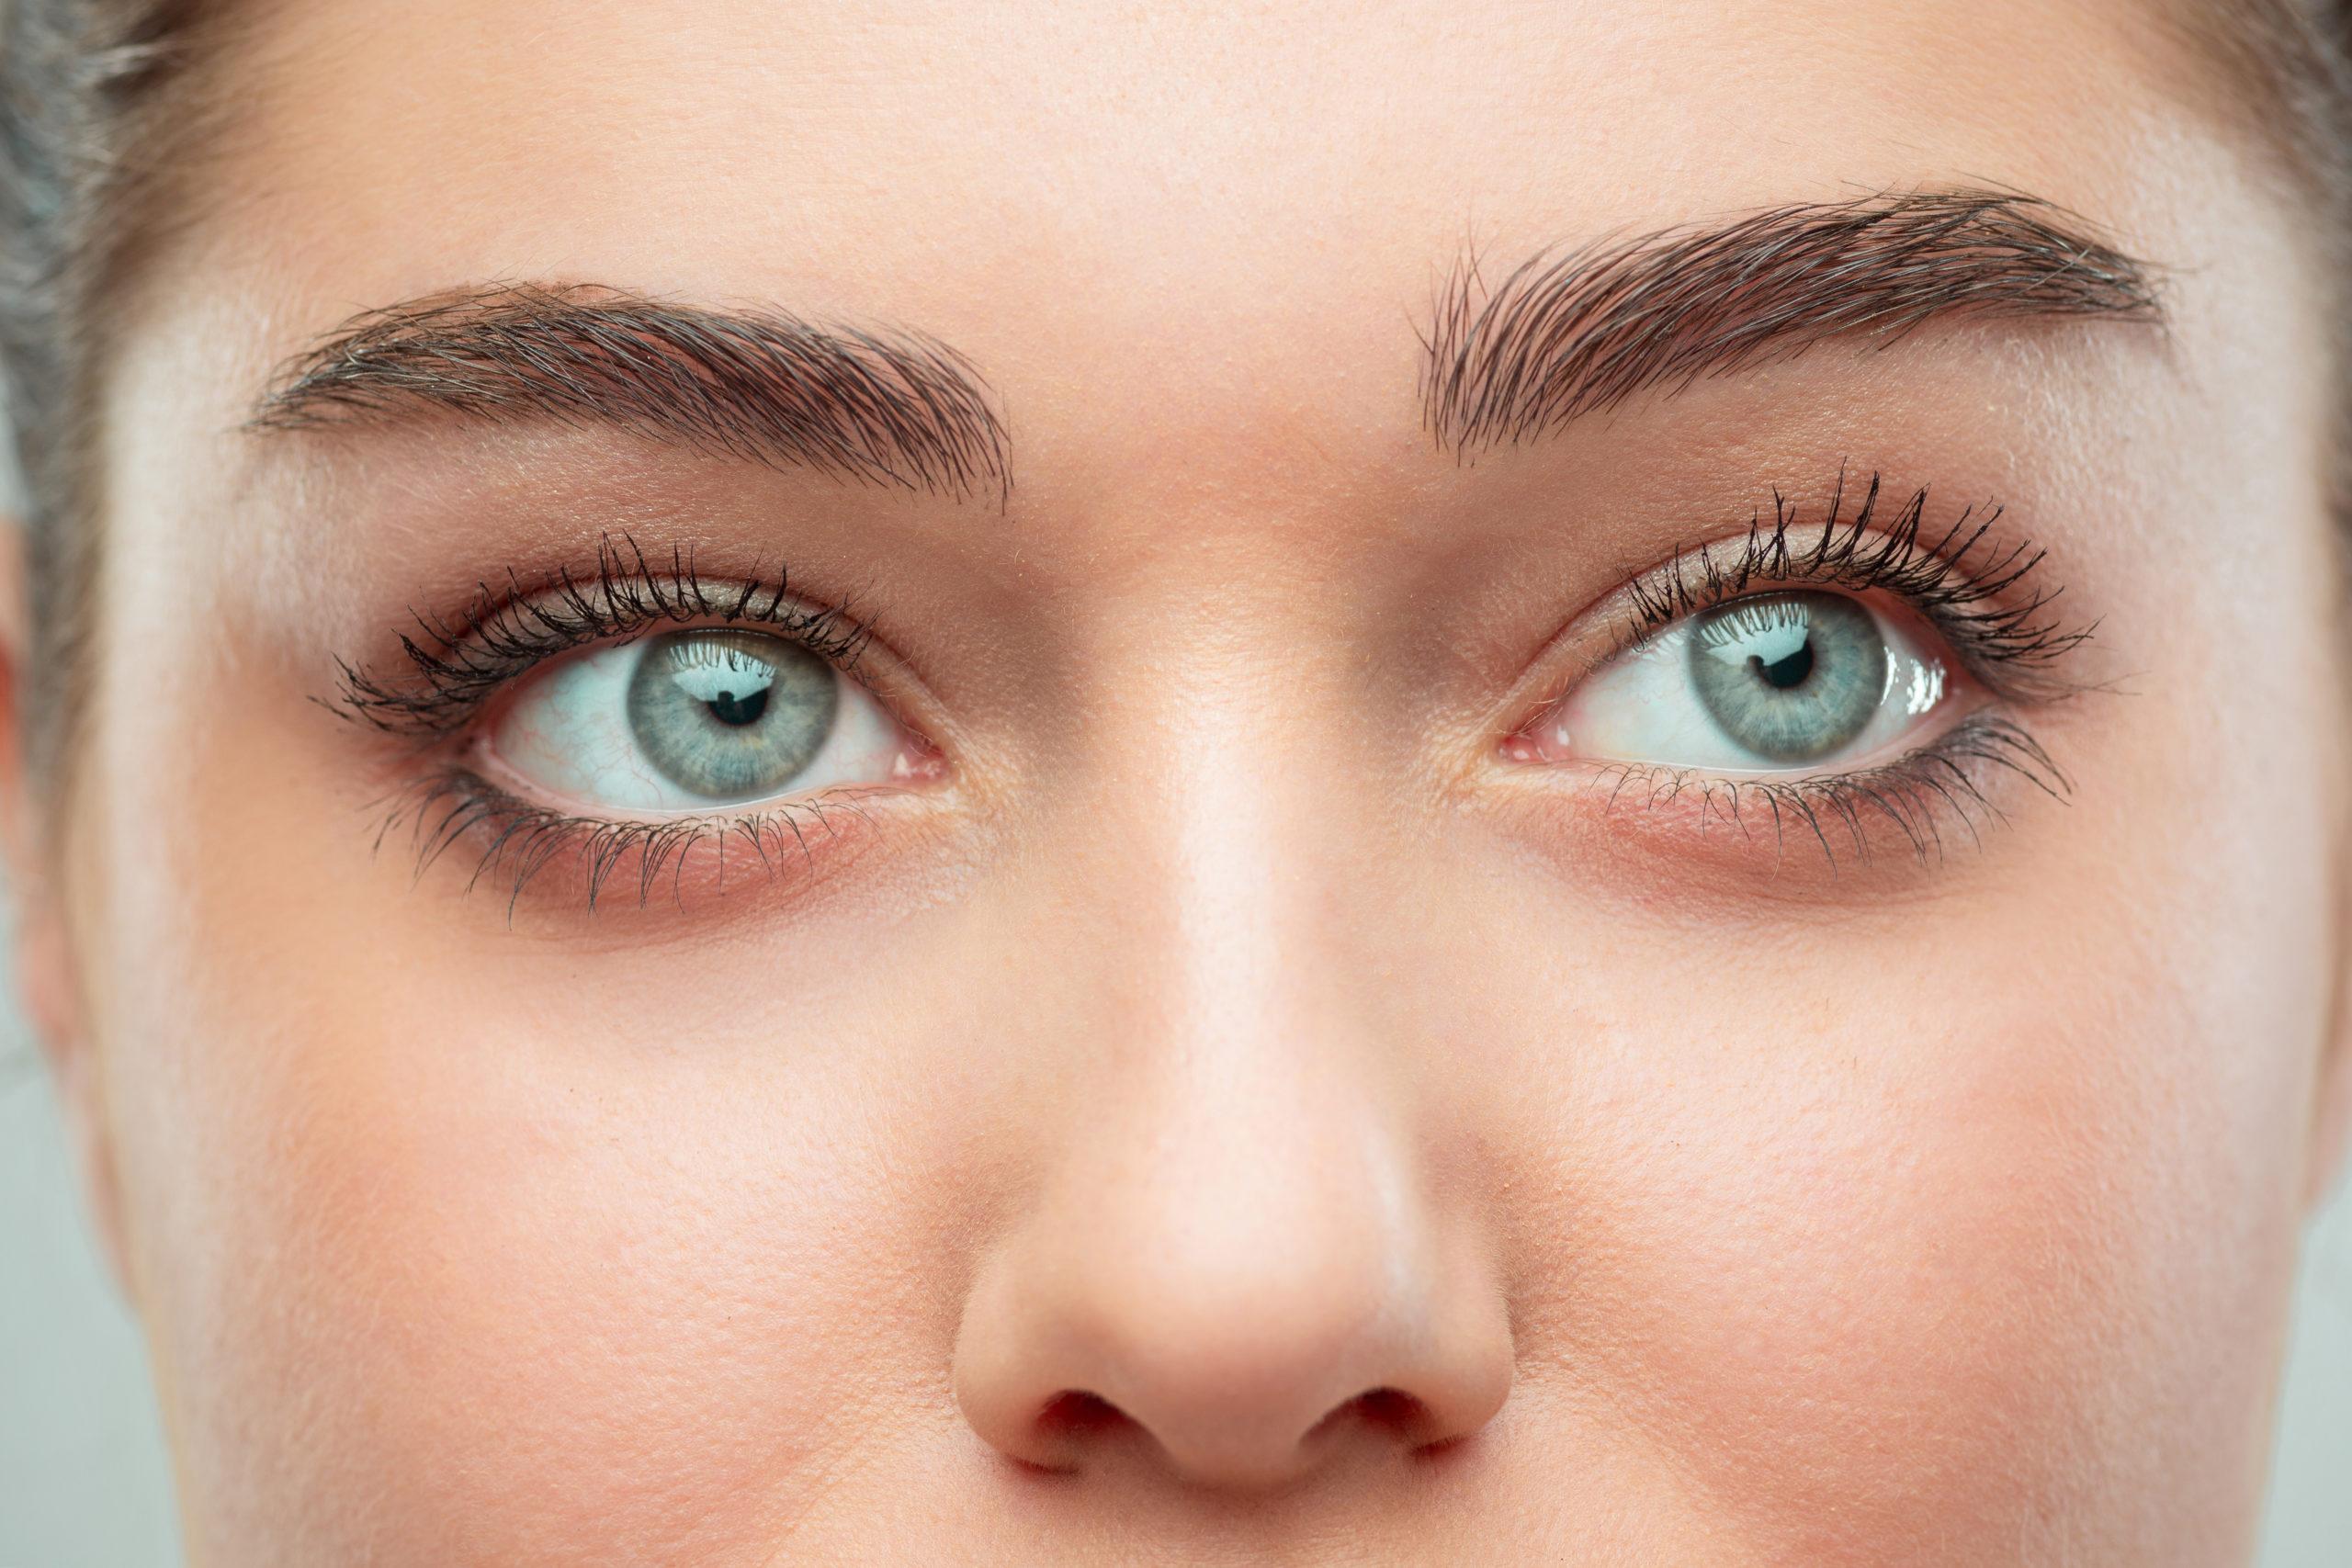 Die Augengesundheit ist Voraussetzung für ein vollwertiges Leben! Schenken Sie ihnen Beachtung!